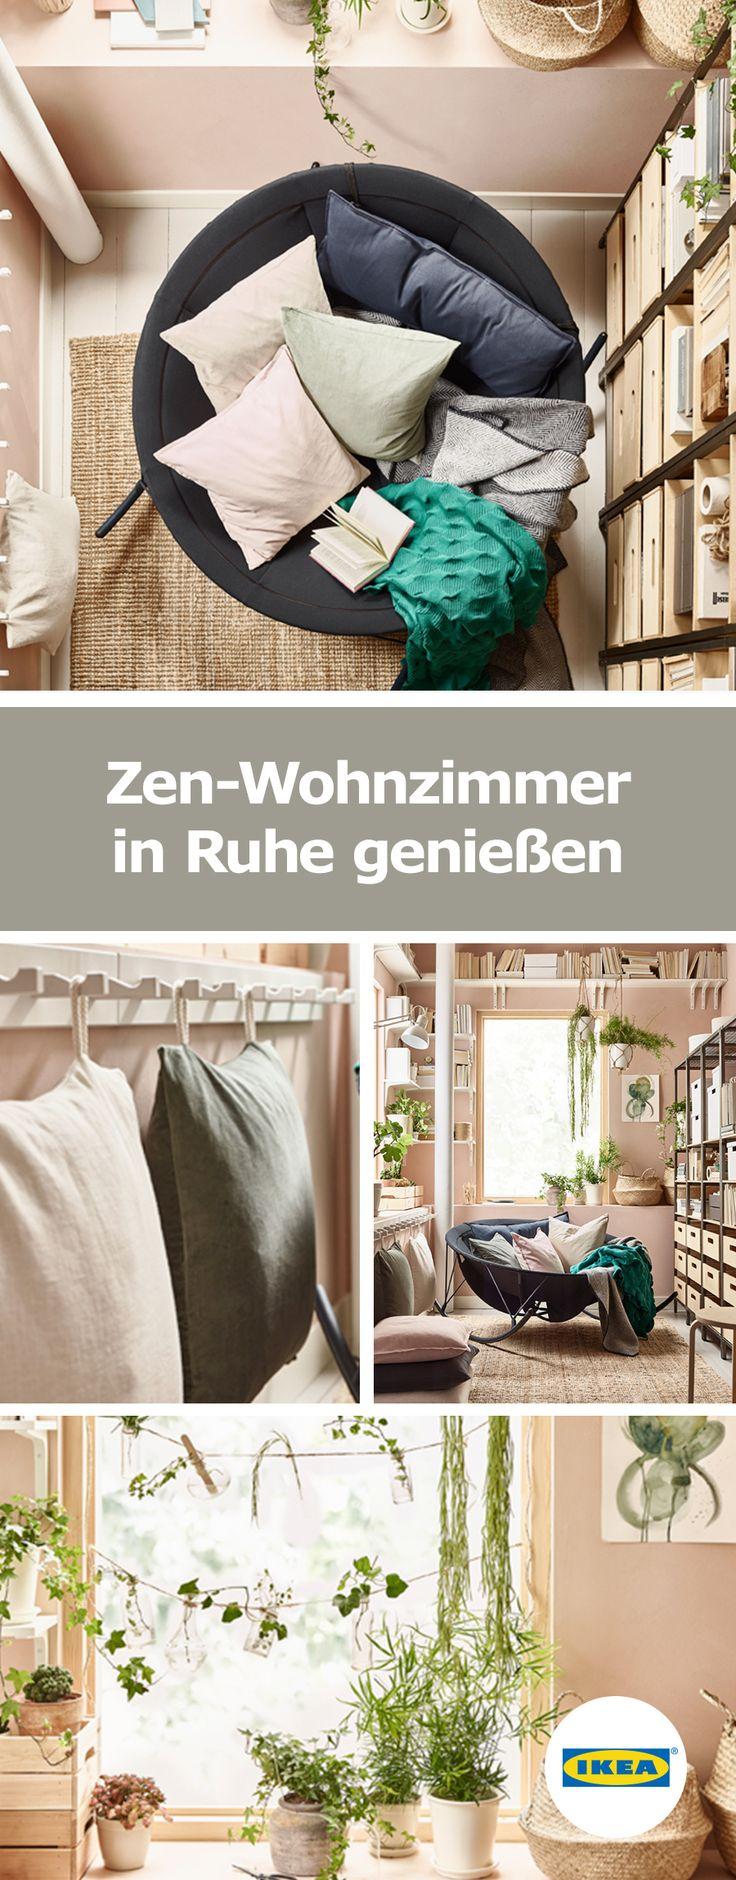 die besten 25+ zen wohnzimmer ideen auf pinterest   innenräume, Gartengestaltung